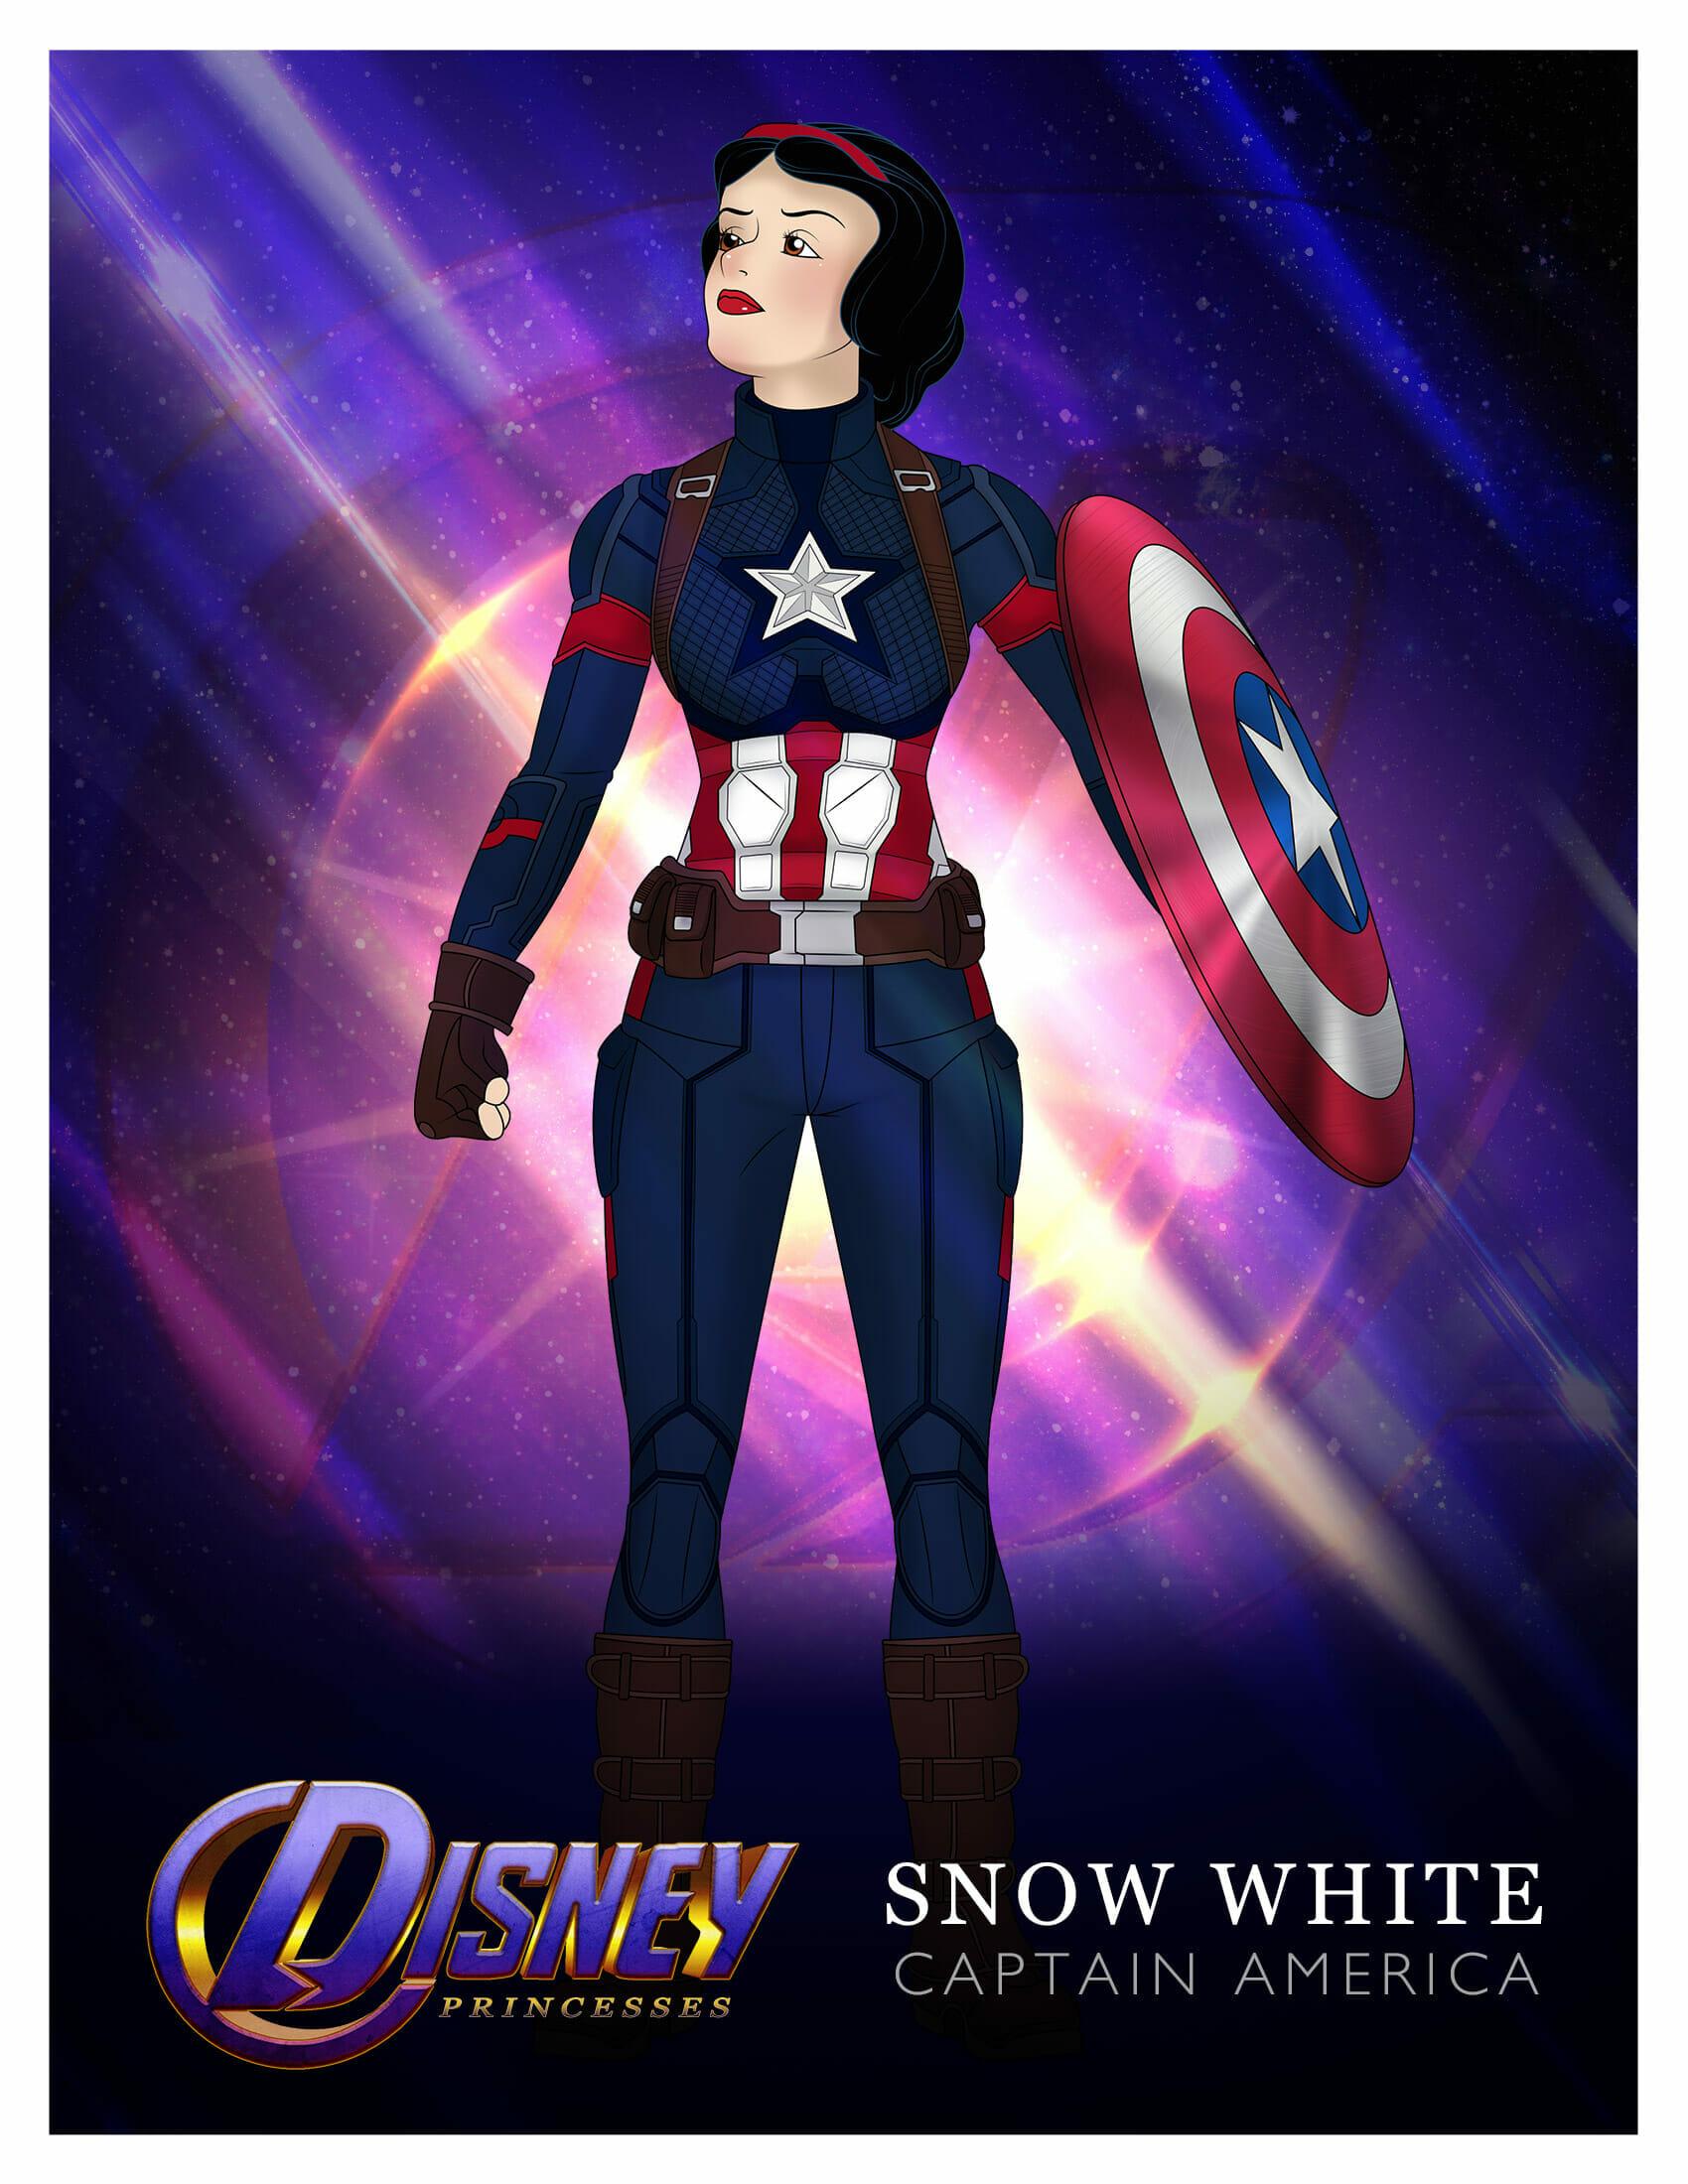 Princess Snow White as Captain America